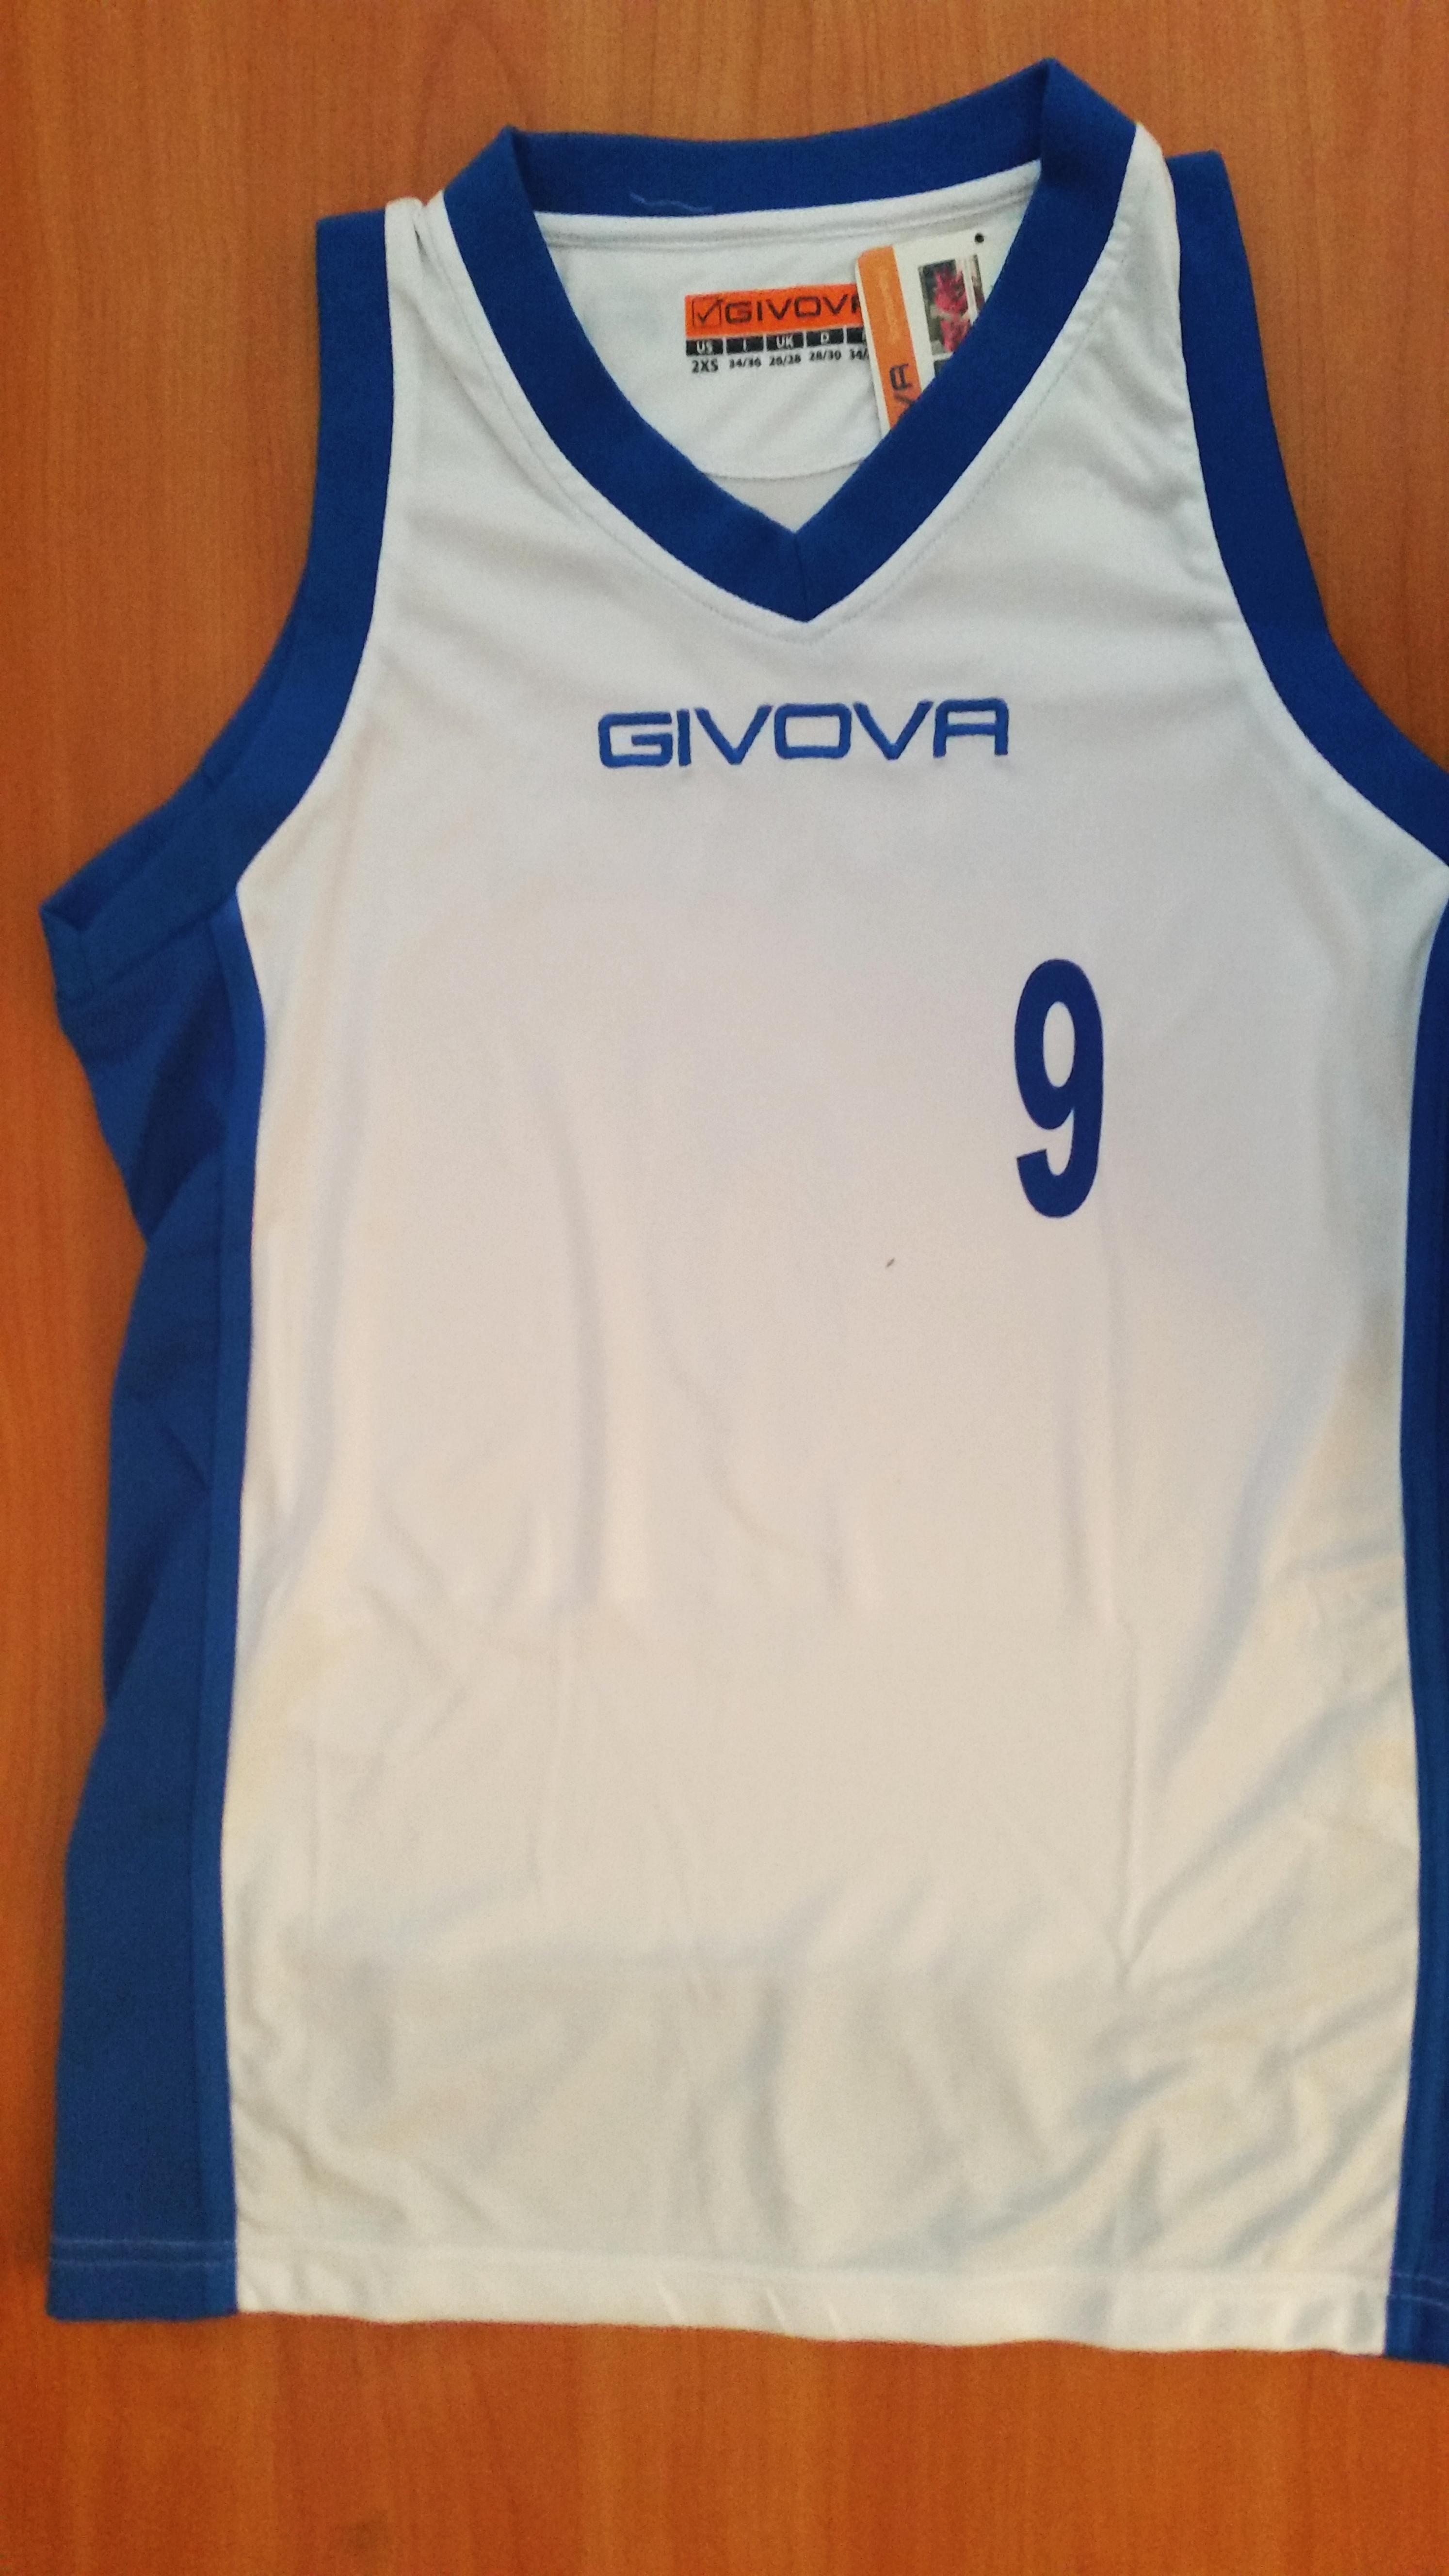 nadruk numer mały na koszulce siatkarskiej Givova